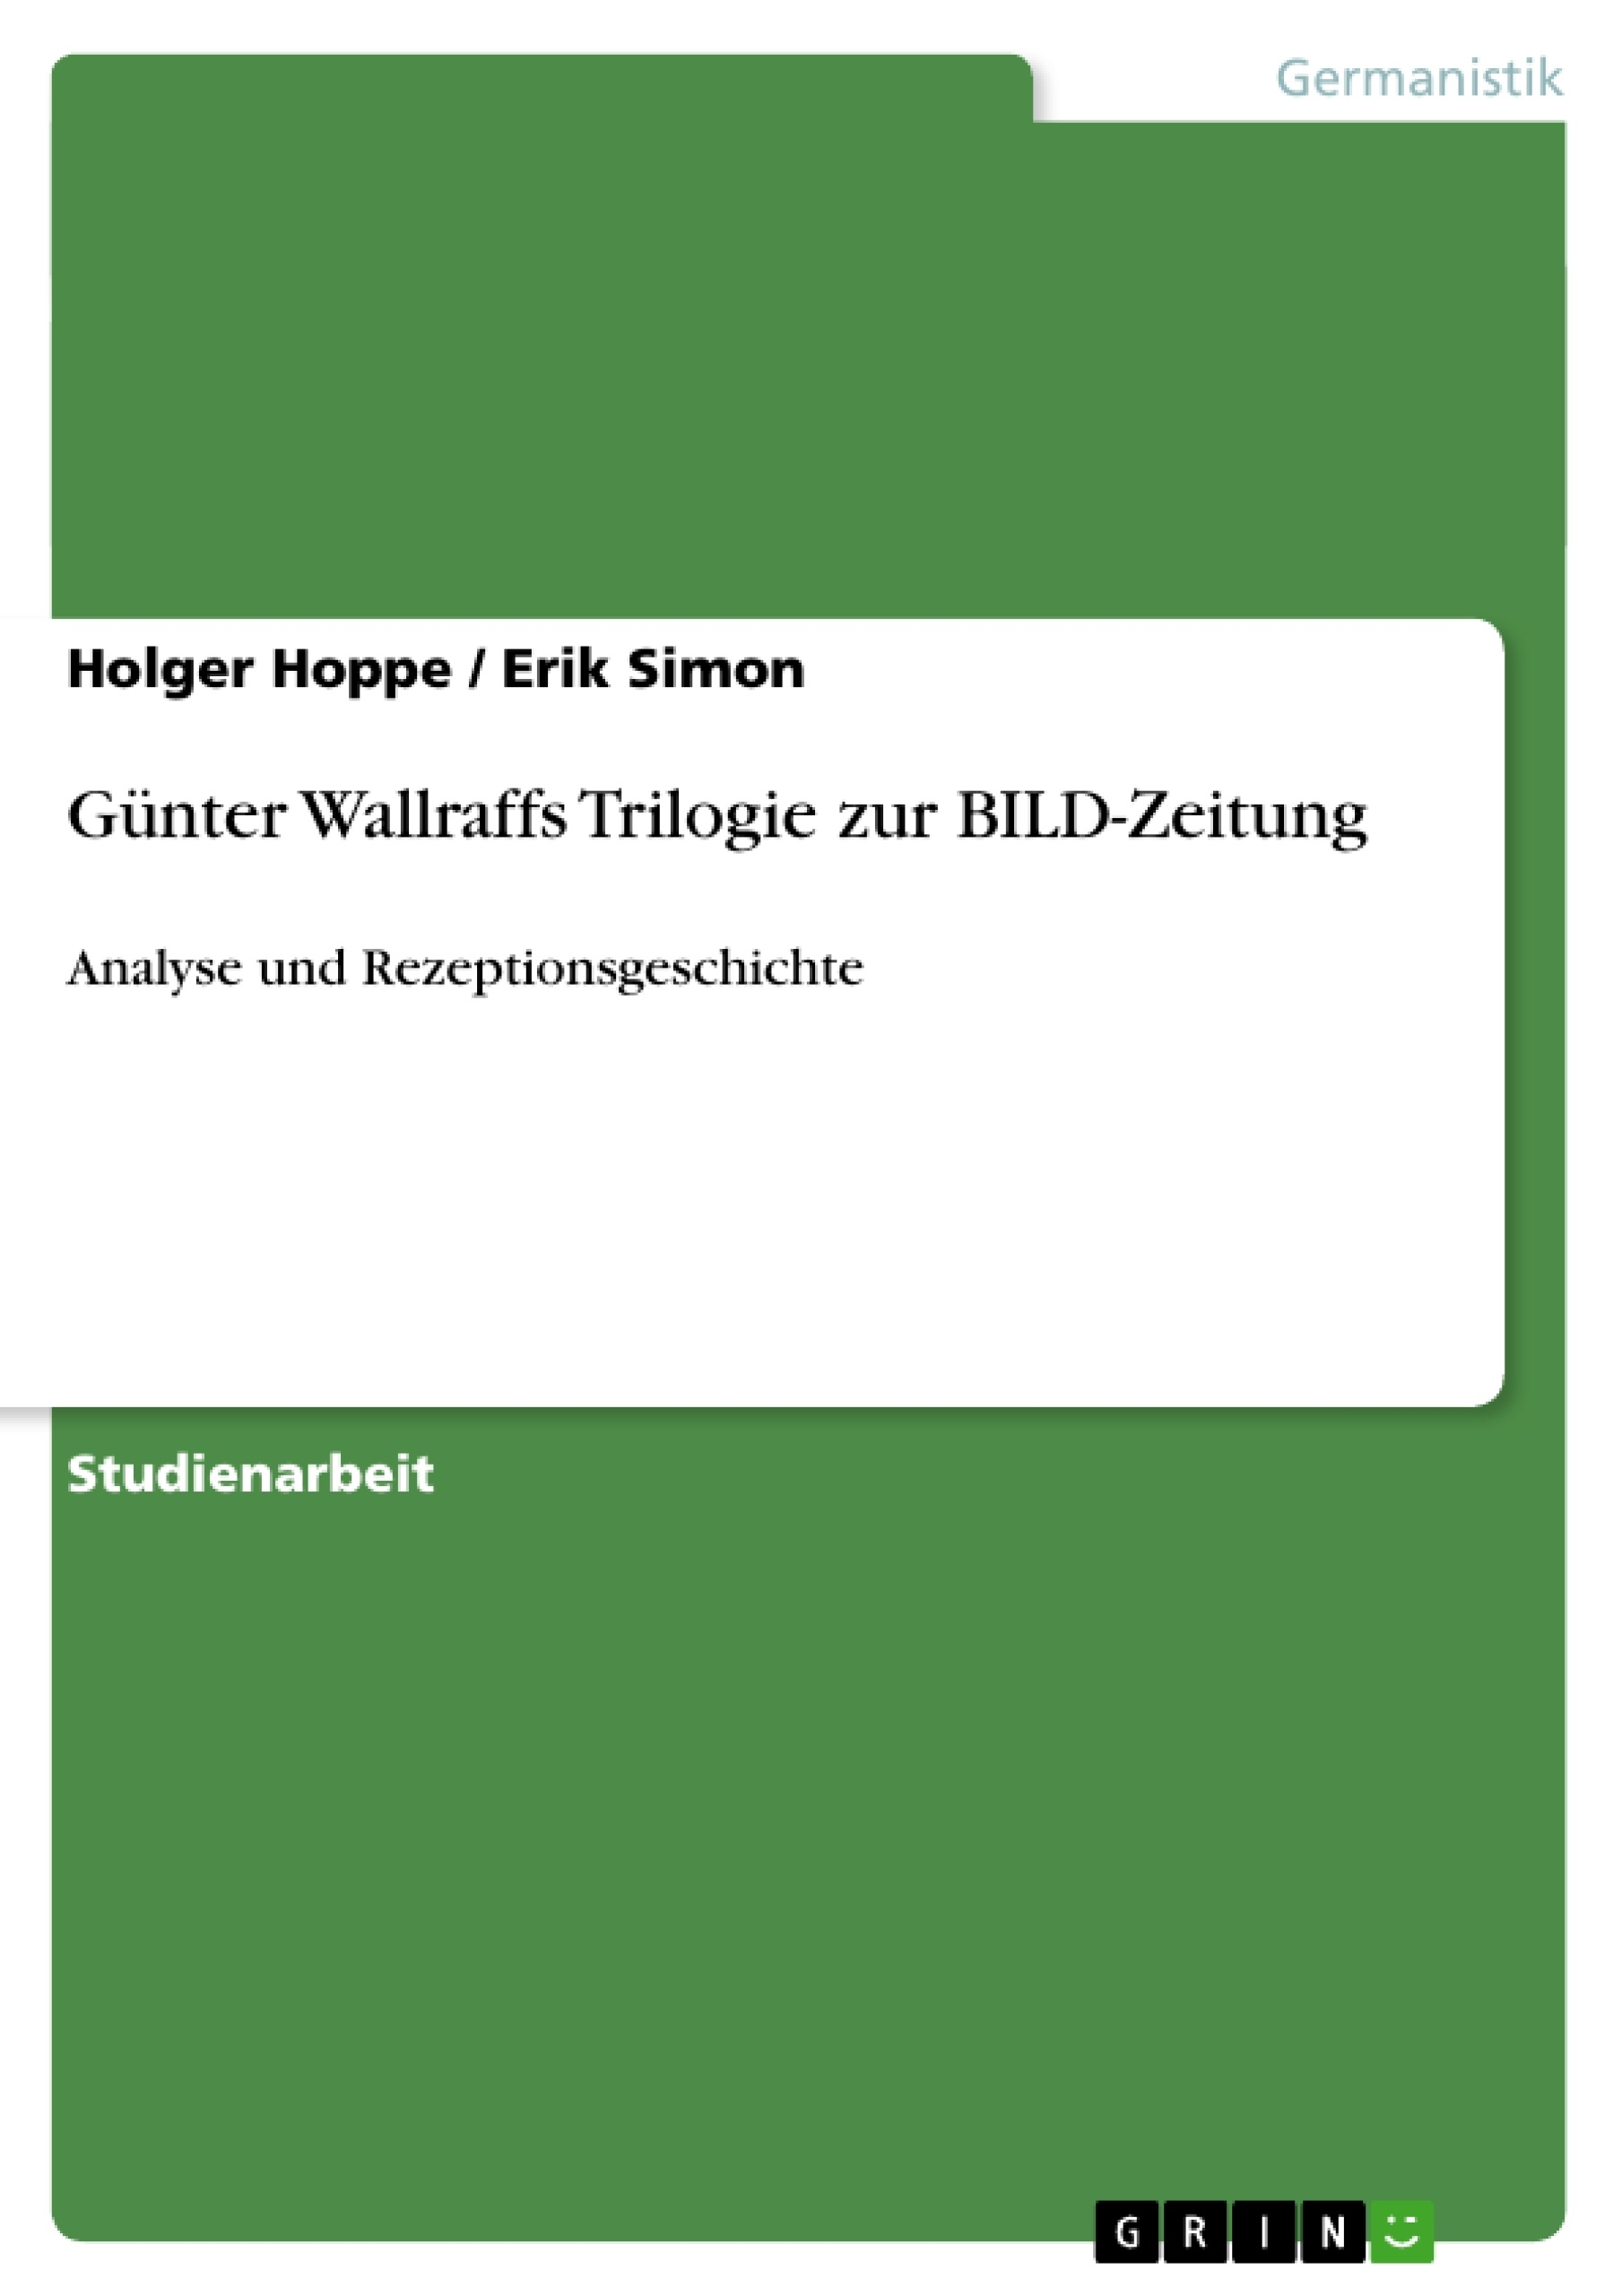 Titel: Günter Wallraffs Trilogie zur BILD-Zeitung